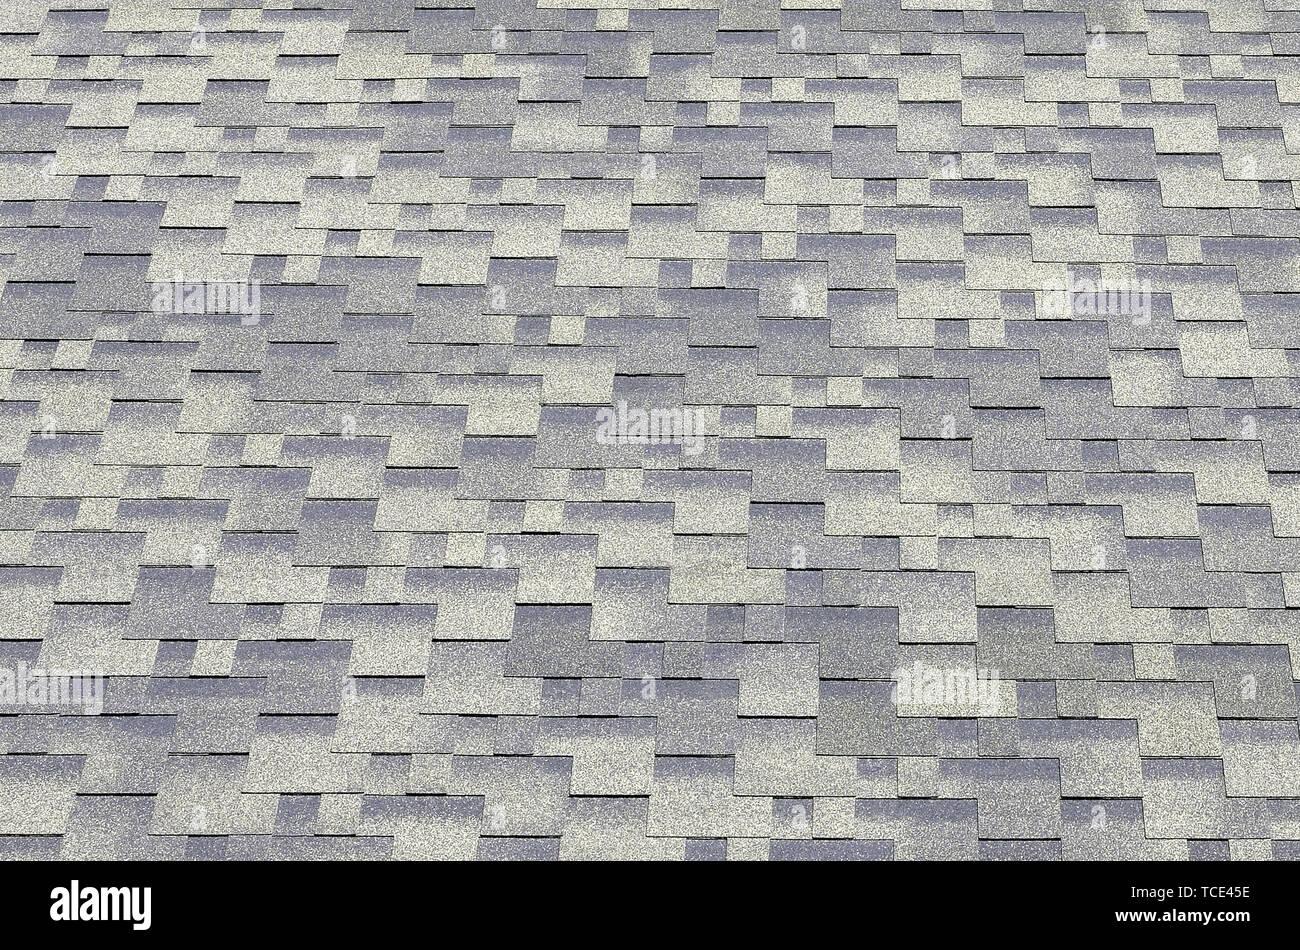 Turbo Bitumen Dachschindeln Flachdach | Details Zu Klöber Flavent YZ48